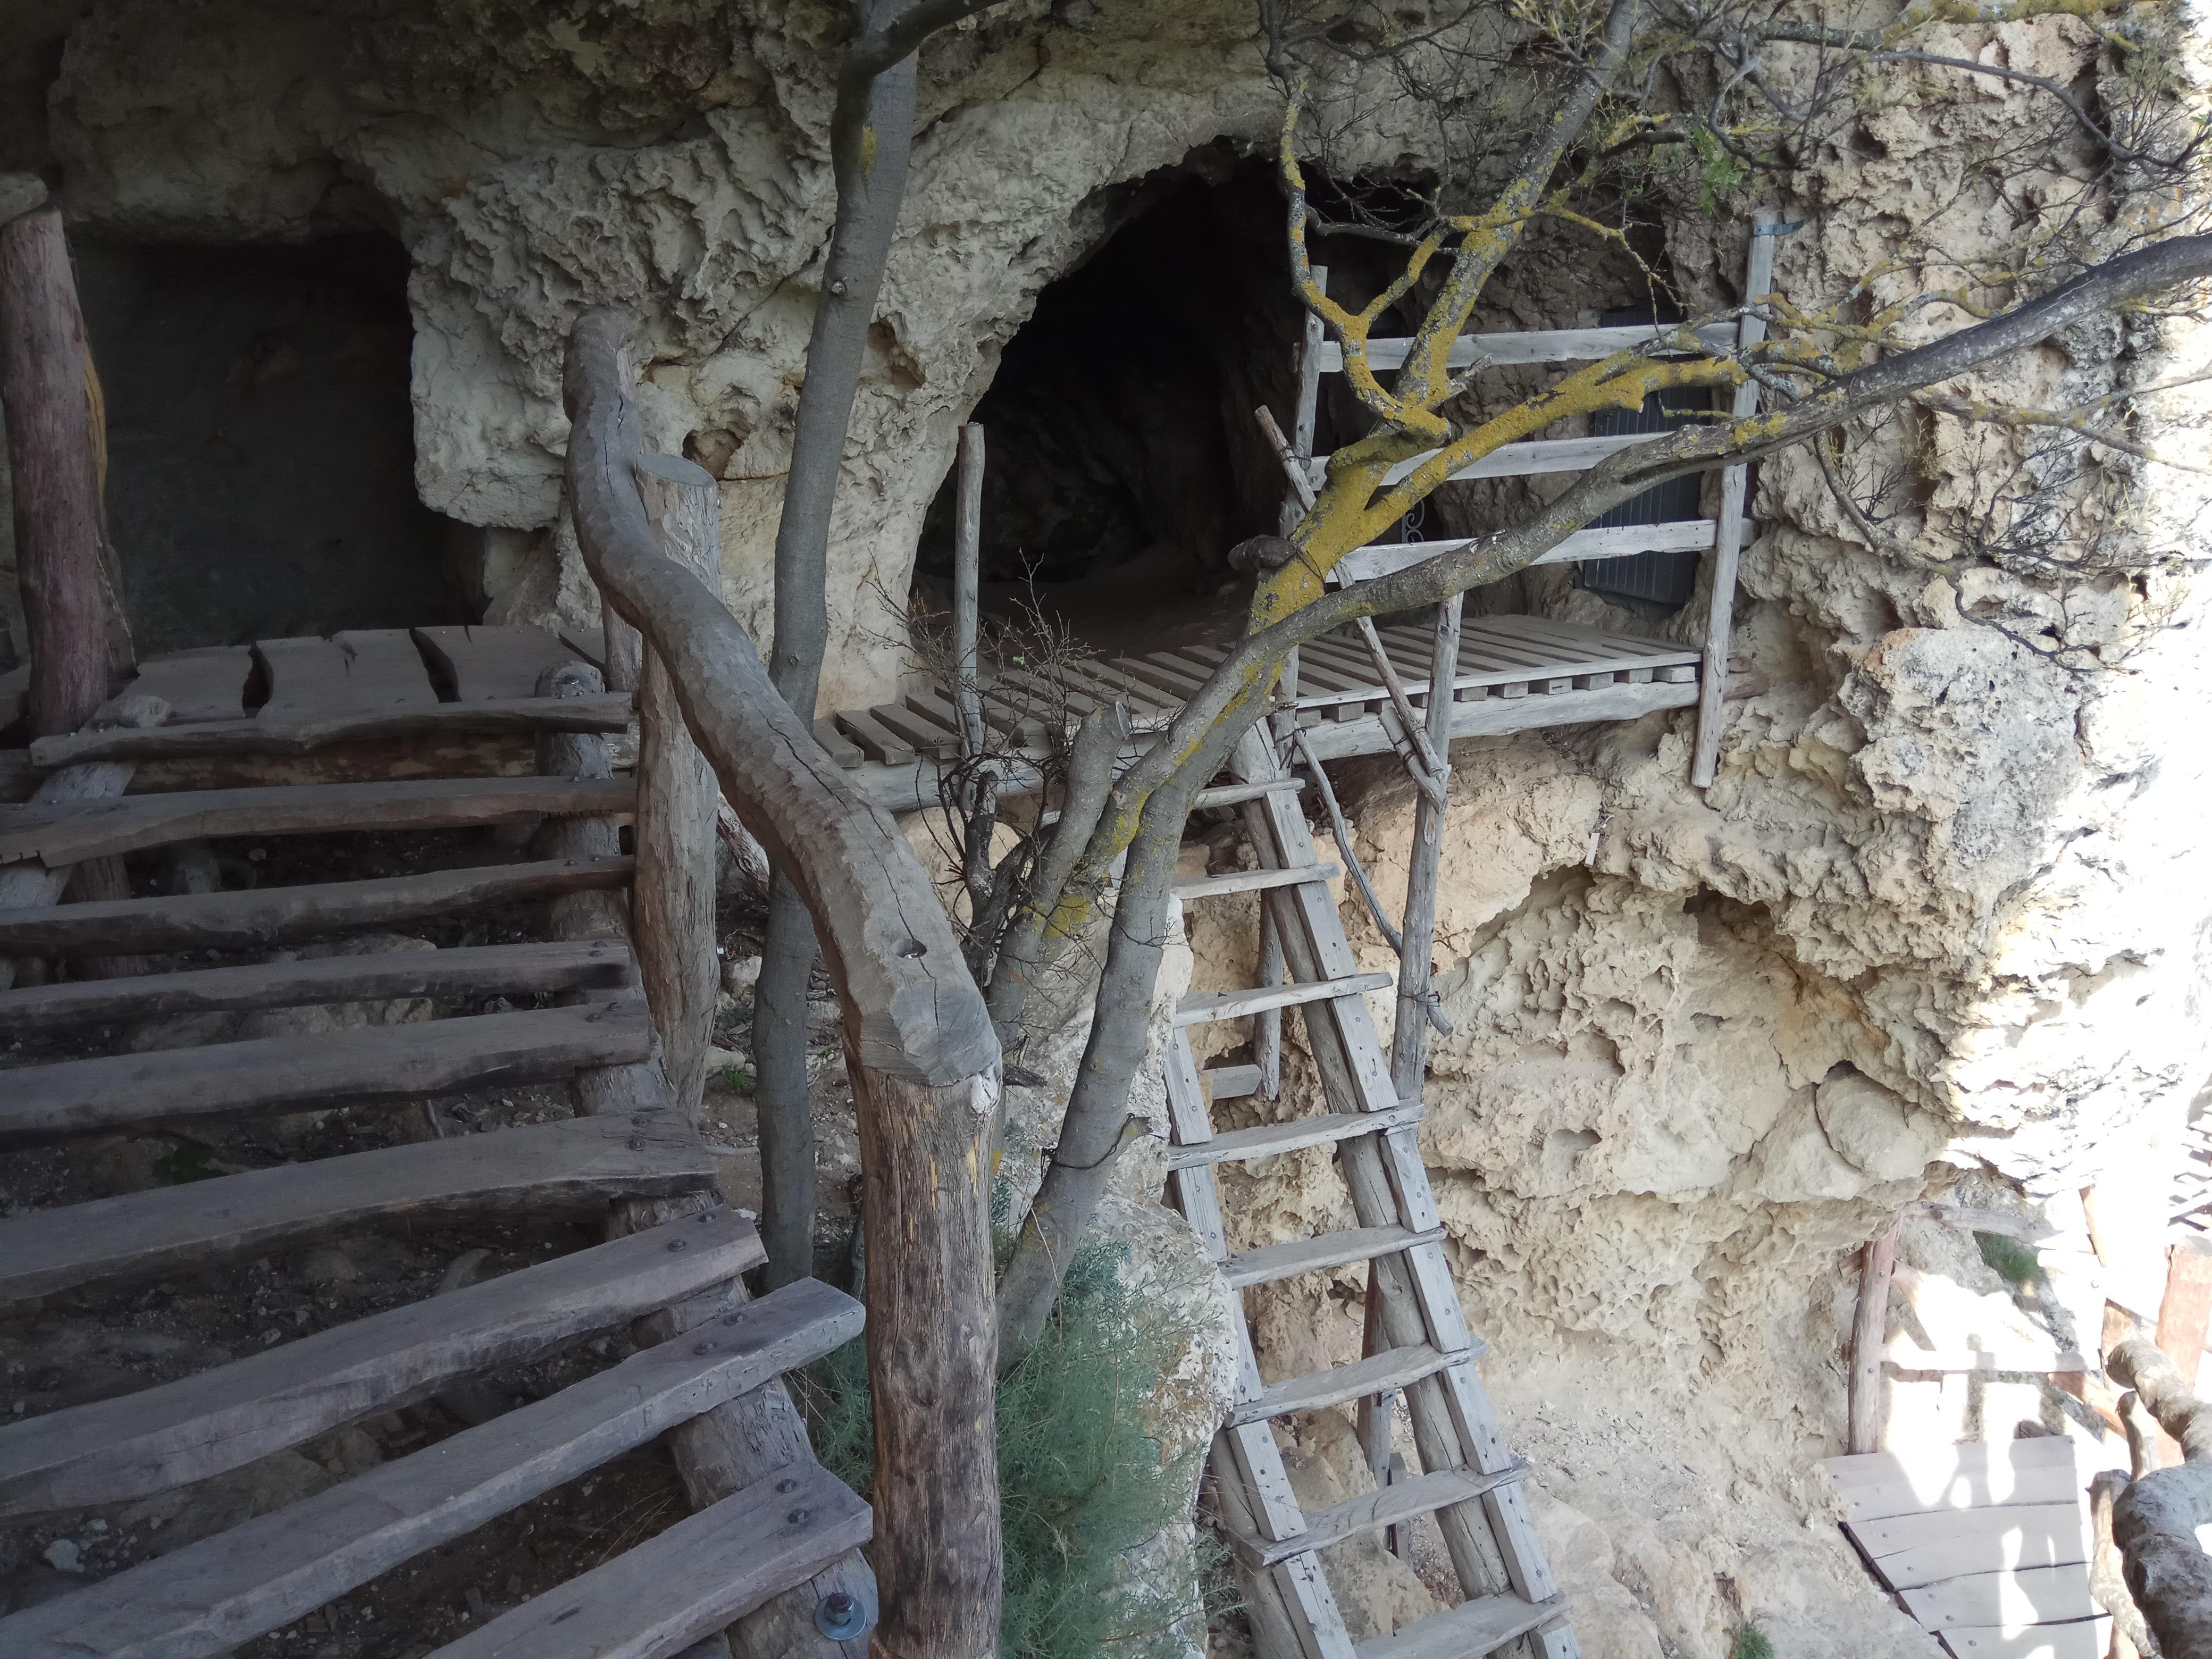 Пещерный монастырь Саввы Освященного яруса, скале, крест, монастыря, пещер, всего, здесь, монастыре, можно, подножия, видны, виден, хорошо, западной, стороны, несколько, настоящее, время, подняться, кельи